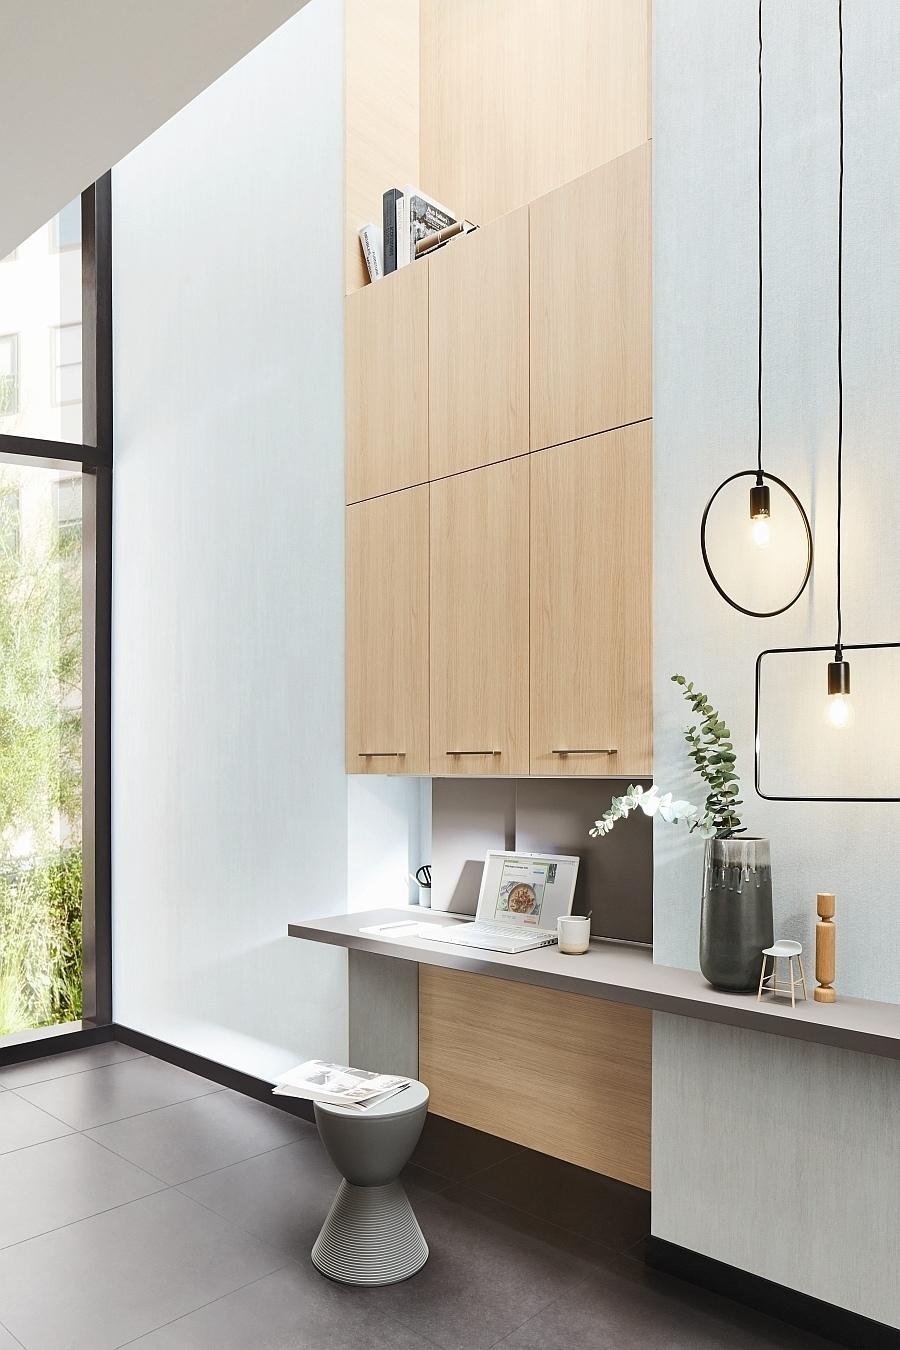 Küchen mit Pfiff - Küchenplanung, Küchenumbau, Küchenrenovierung in ...